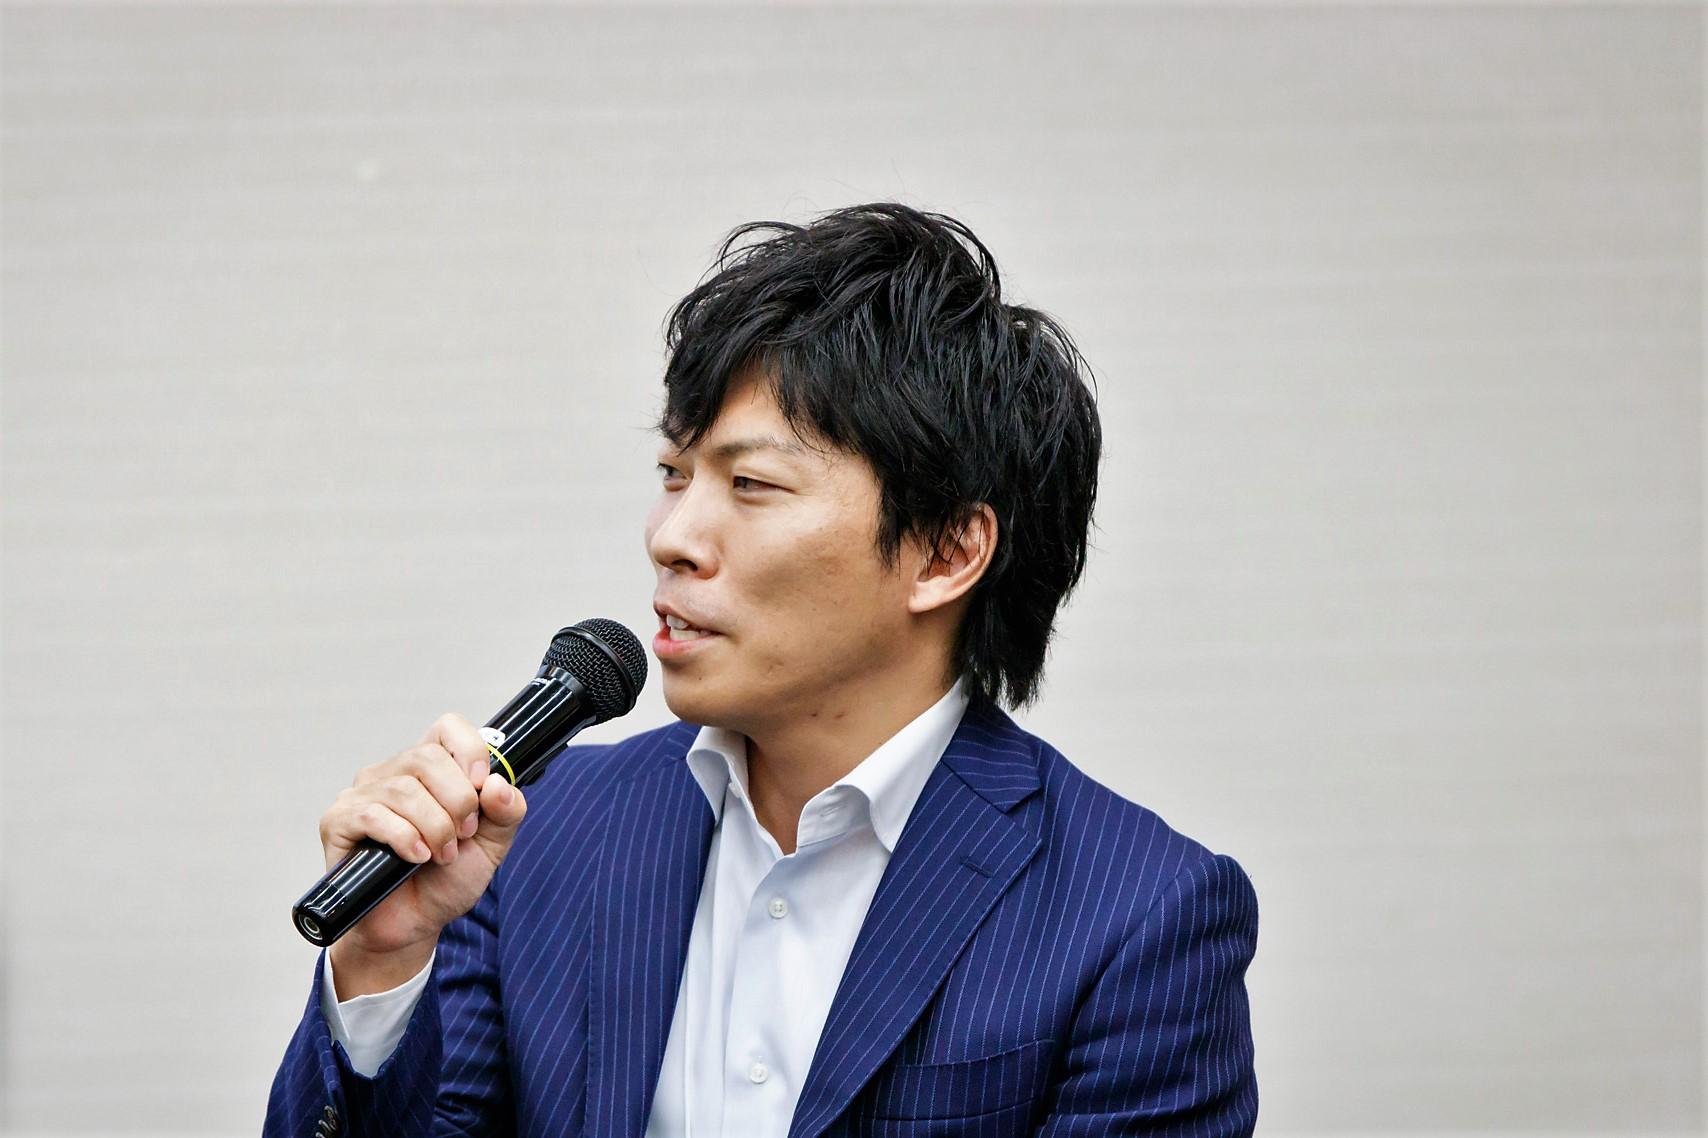 汐留パートナーズCEO・前川 研吾氏・公認会計士(日米)・税理士・行政書士